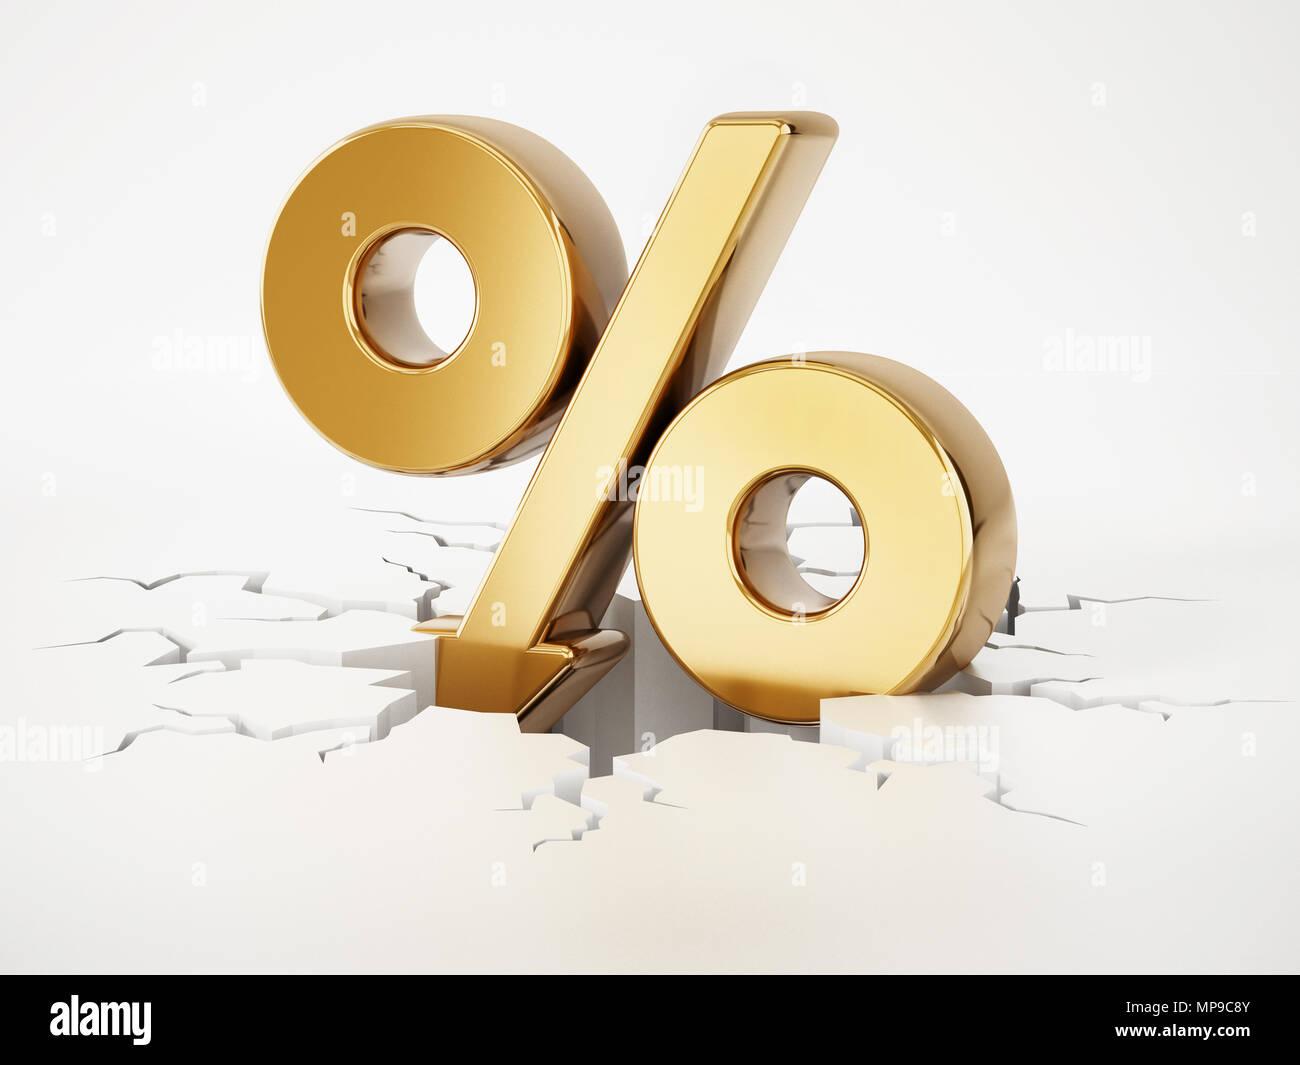 Prozentsatz Symbol mit dem Pfeil auf Risse im Boden. 3D-Darstellung. Stockbild